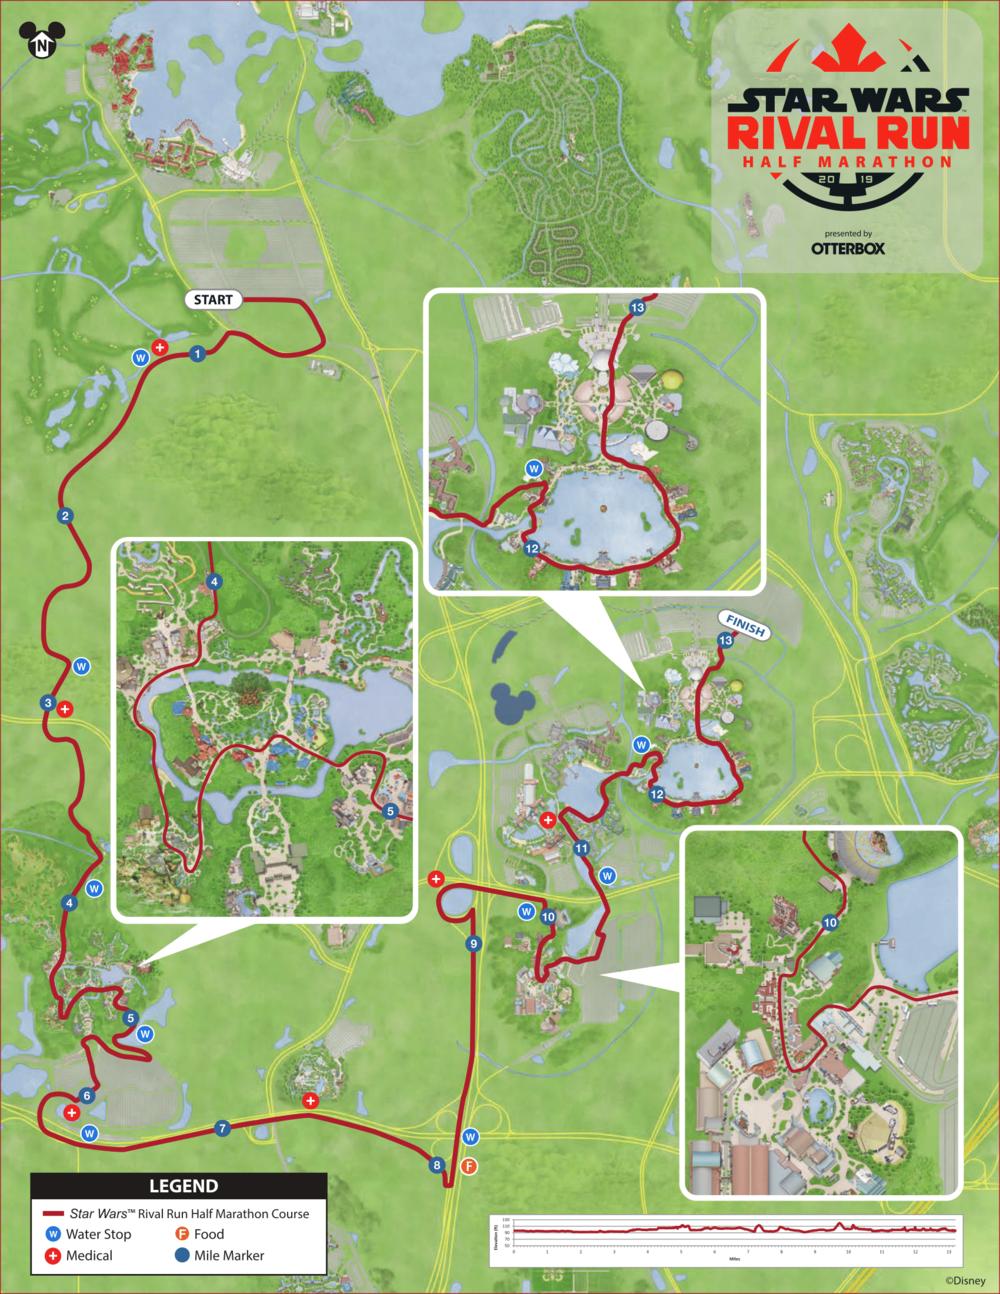 runDisney Maps — Magic of Running on